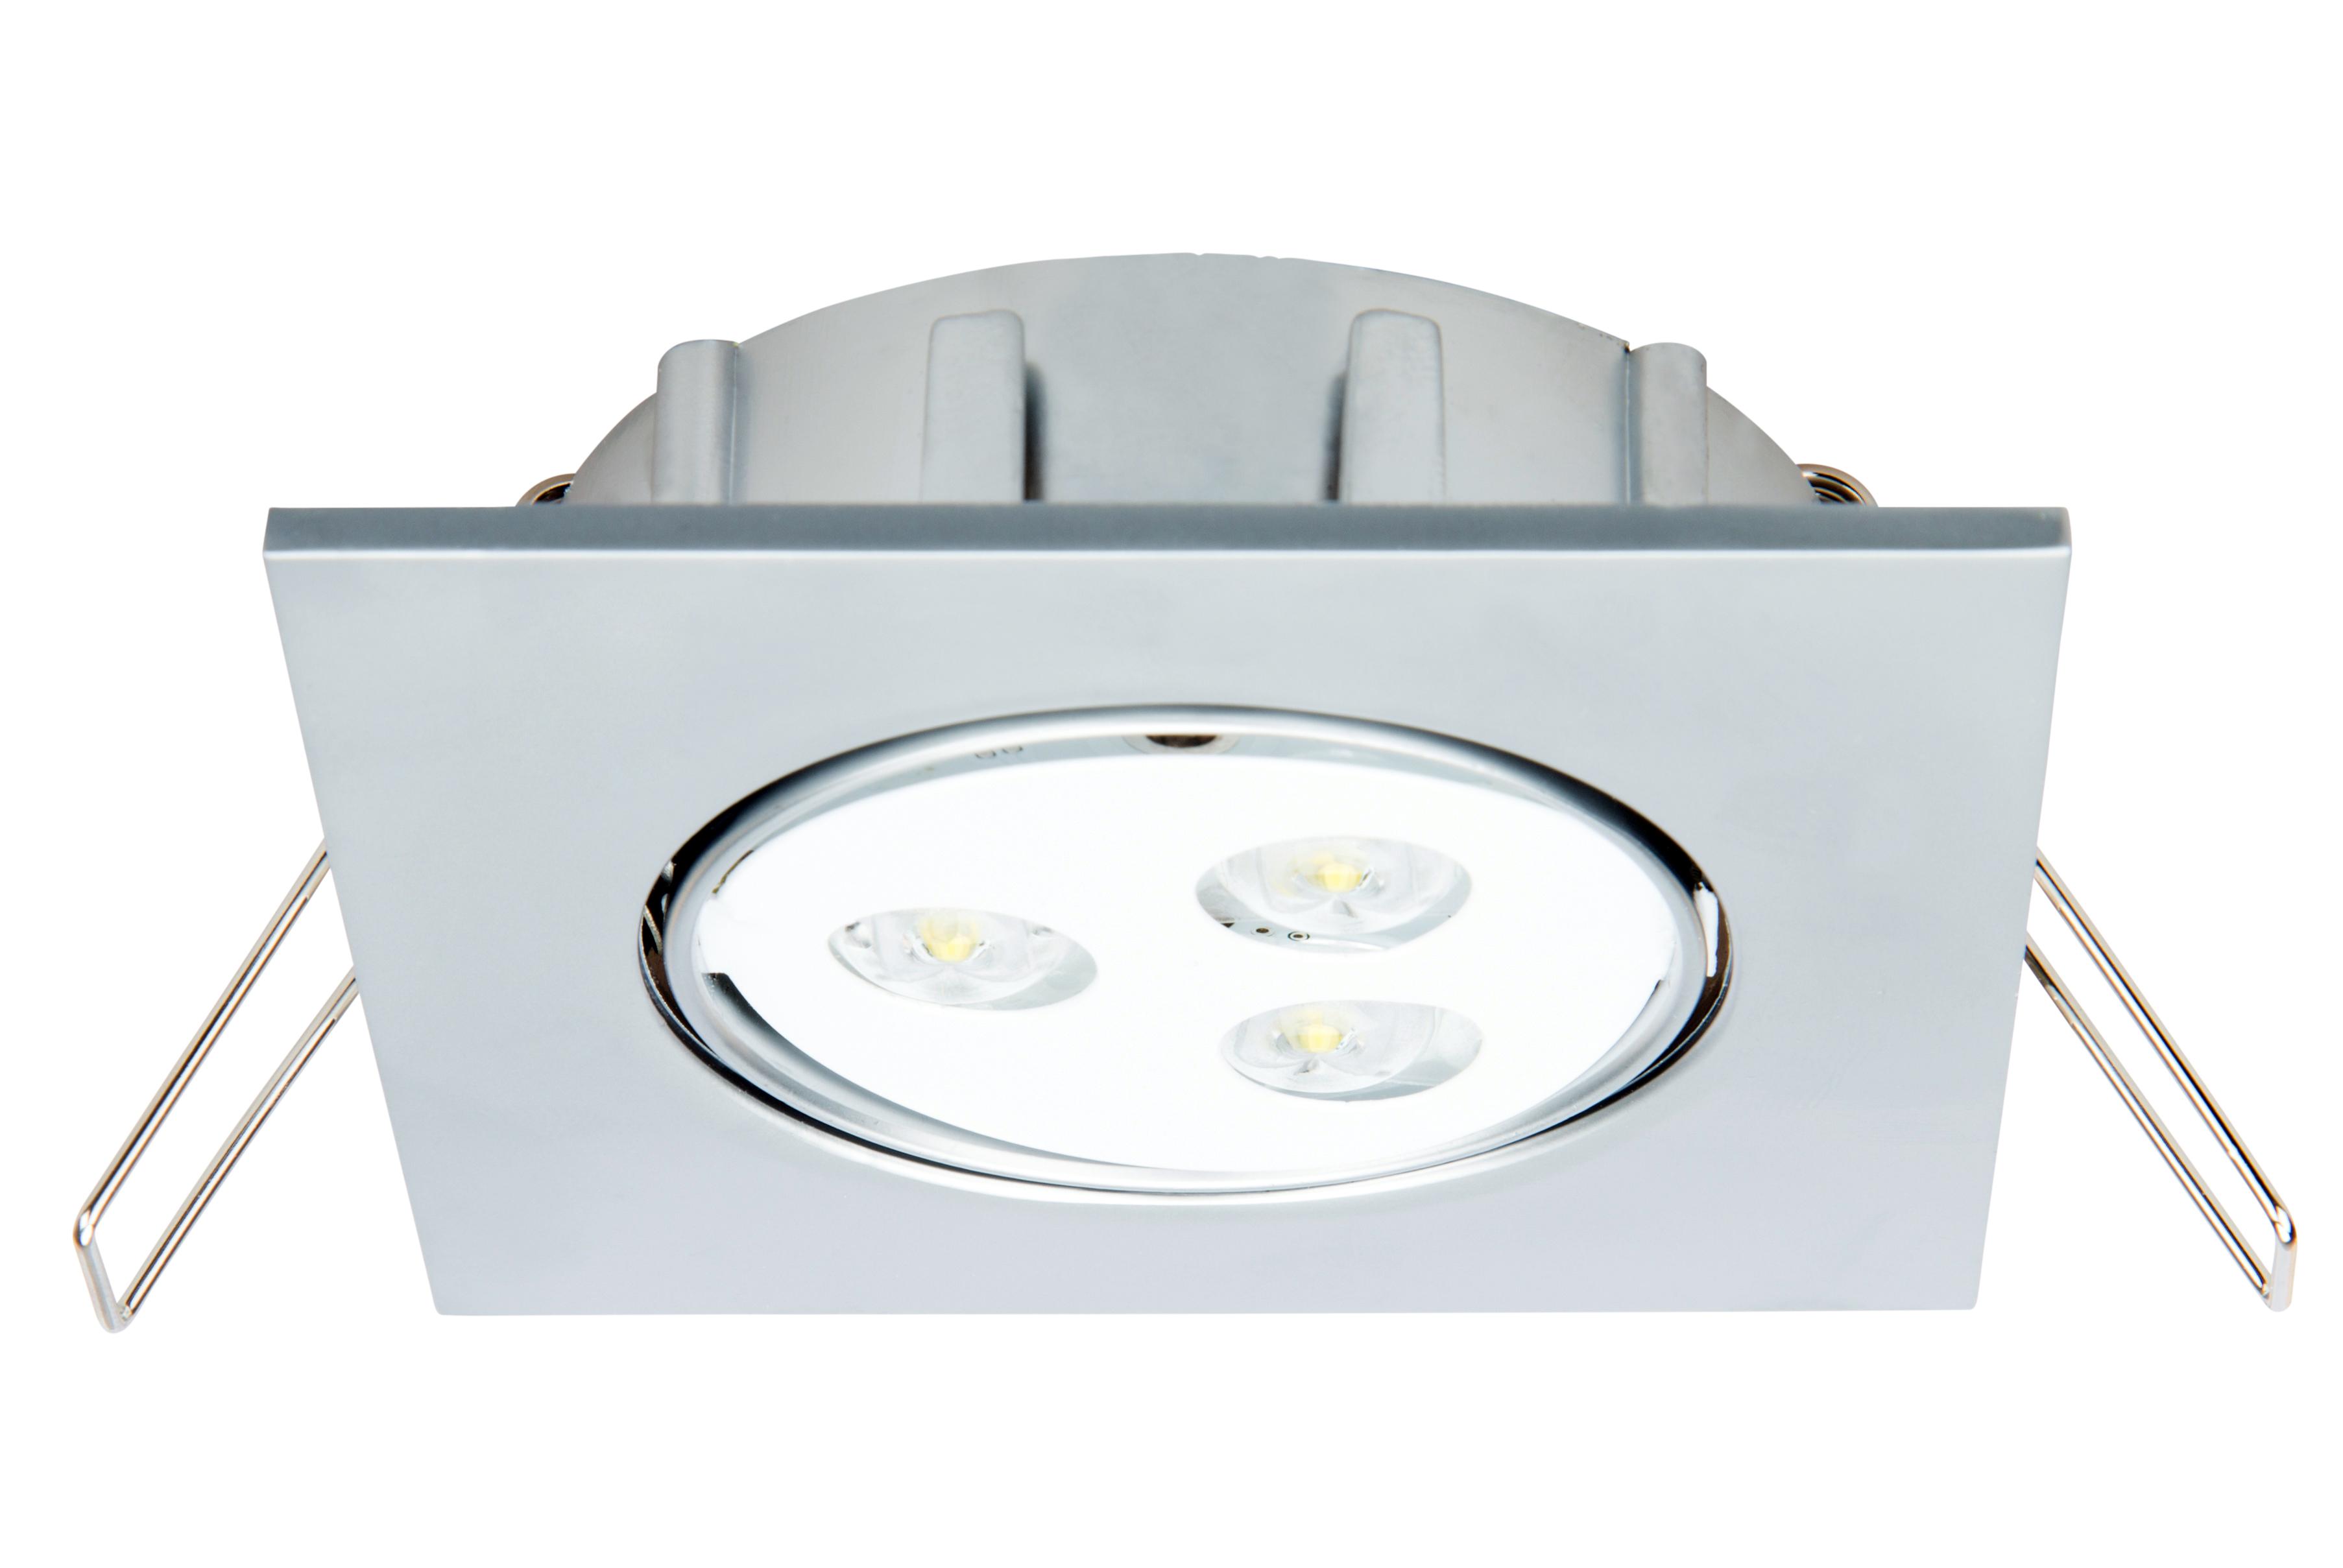 1 Stk Notleuchte DLQ 3x1W ERT-LED 230V EL, Deckeneinbaumontage NLDLQ029EL